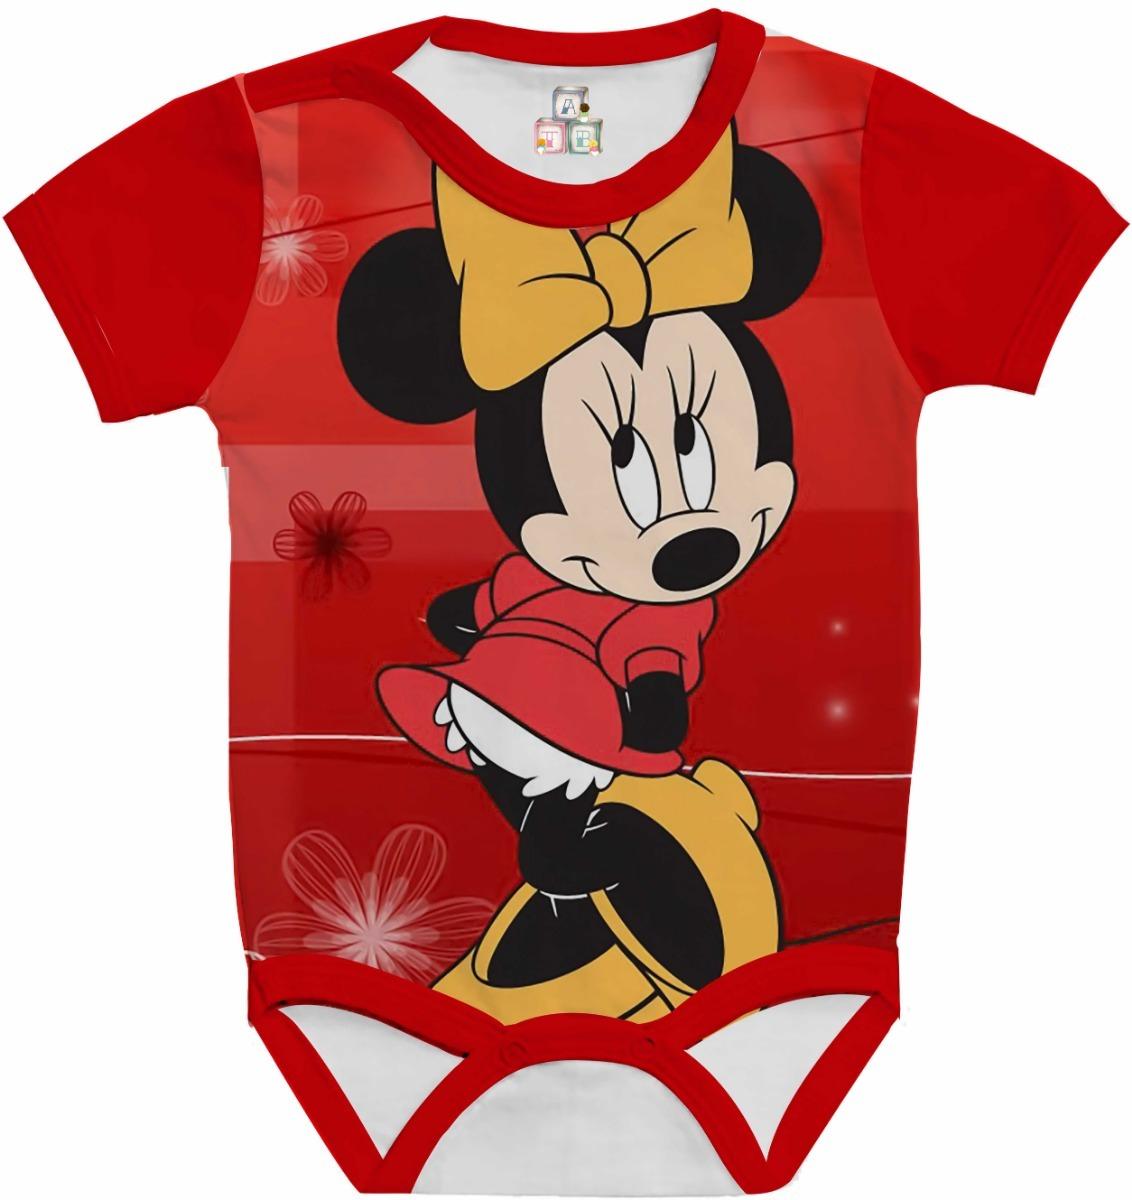 ad0830391 body bebê camisa personalizada minei miney minnie mouse 02. Carregando zoom.